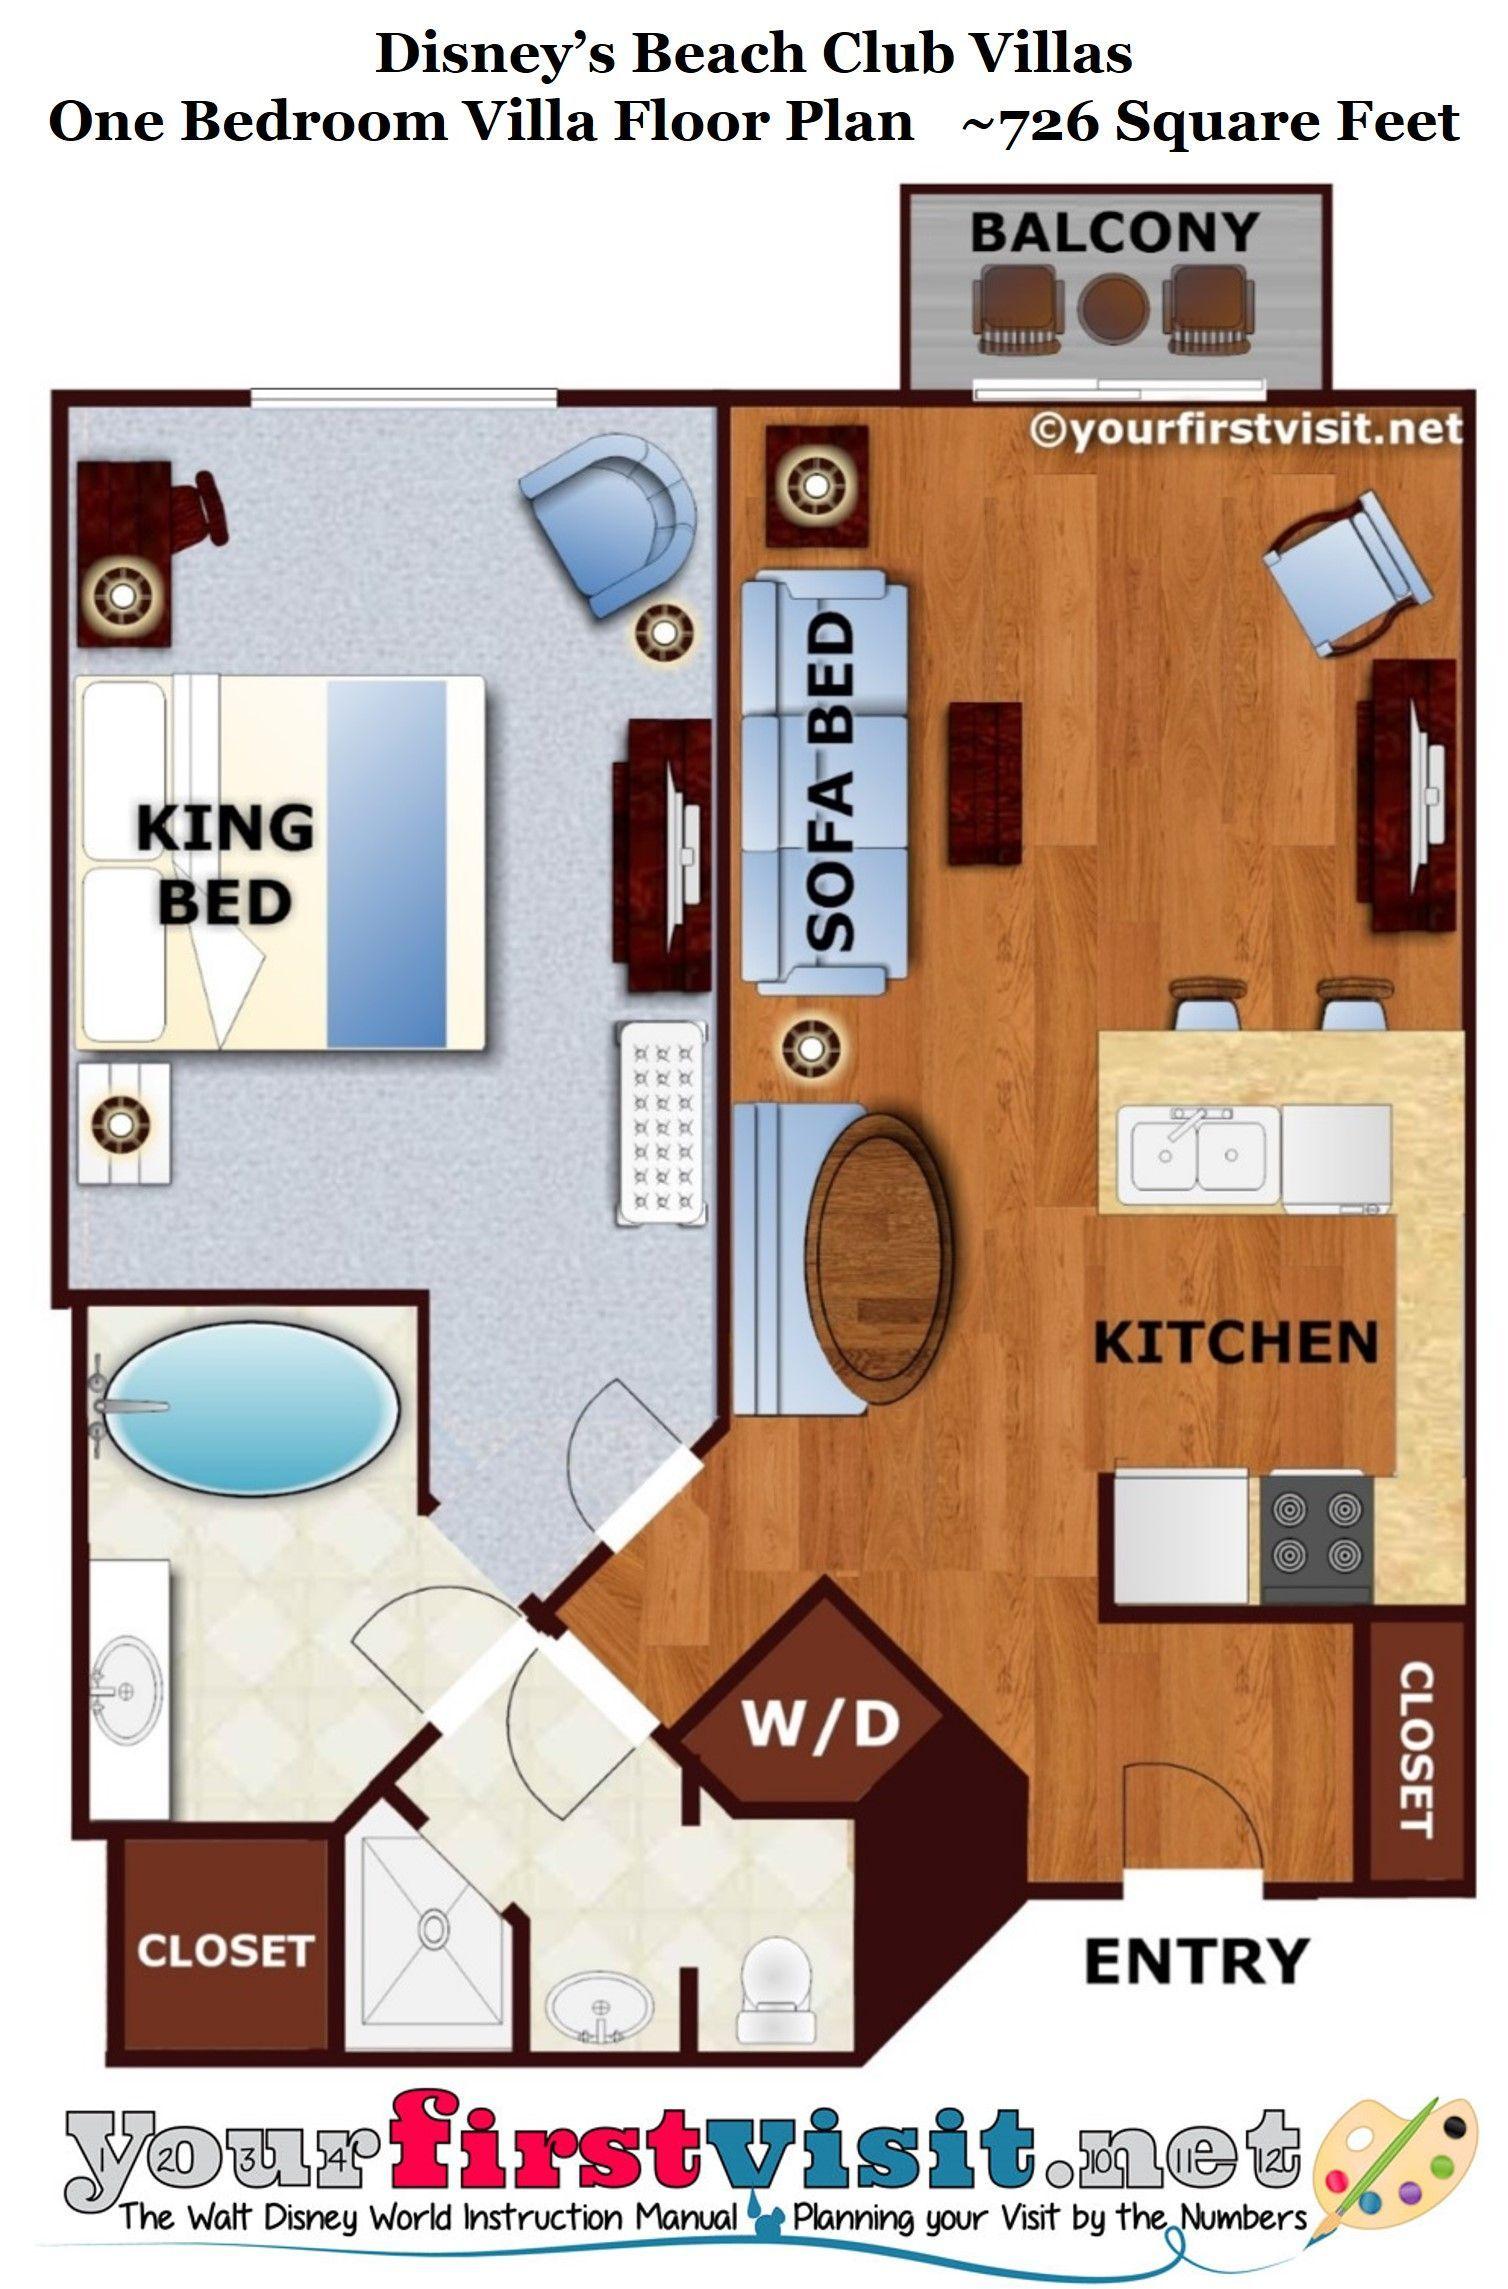 48++ Beach club villas 1 bedroom floor plan cpns 2021